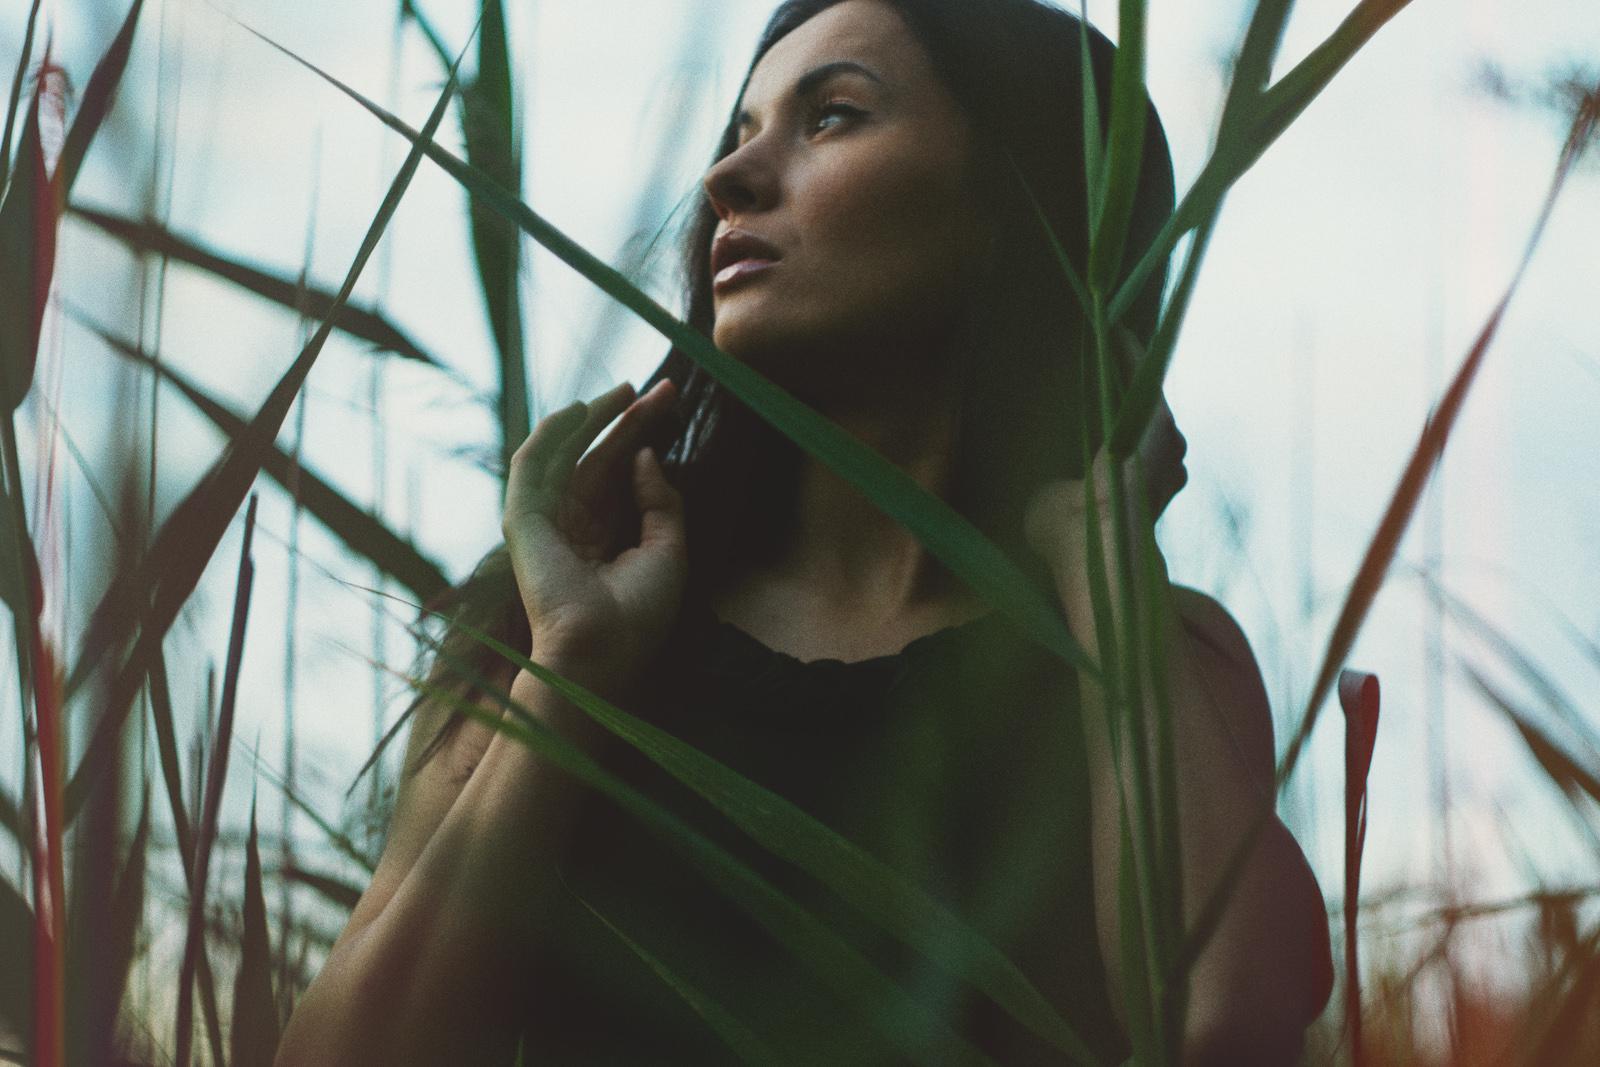 Portret urodowy. Dziewczyna i przyroda. fot. Łukasz Cyrus